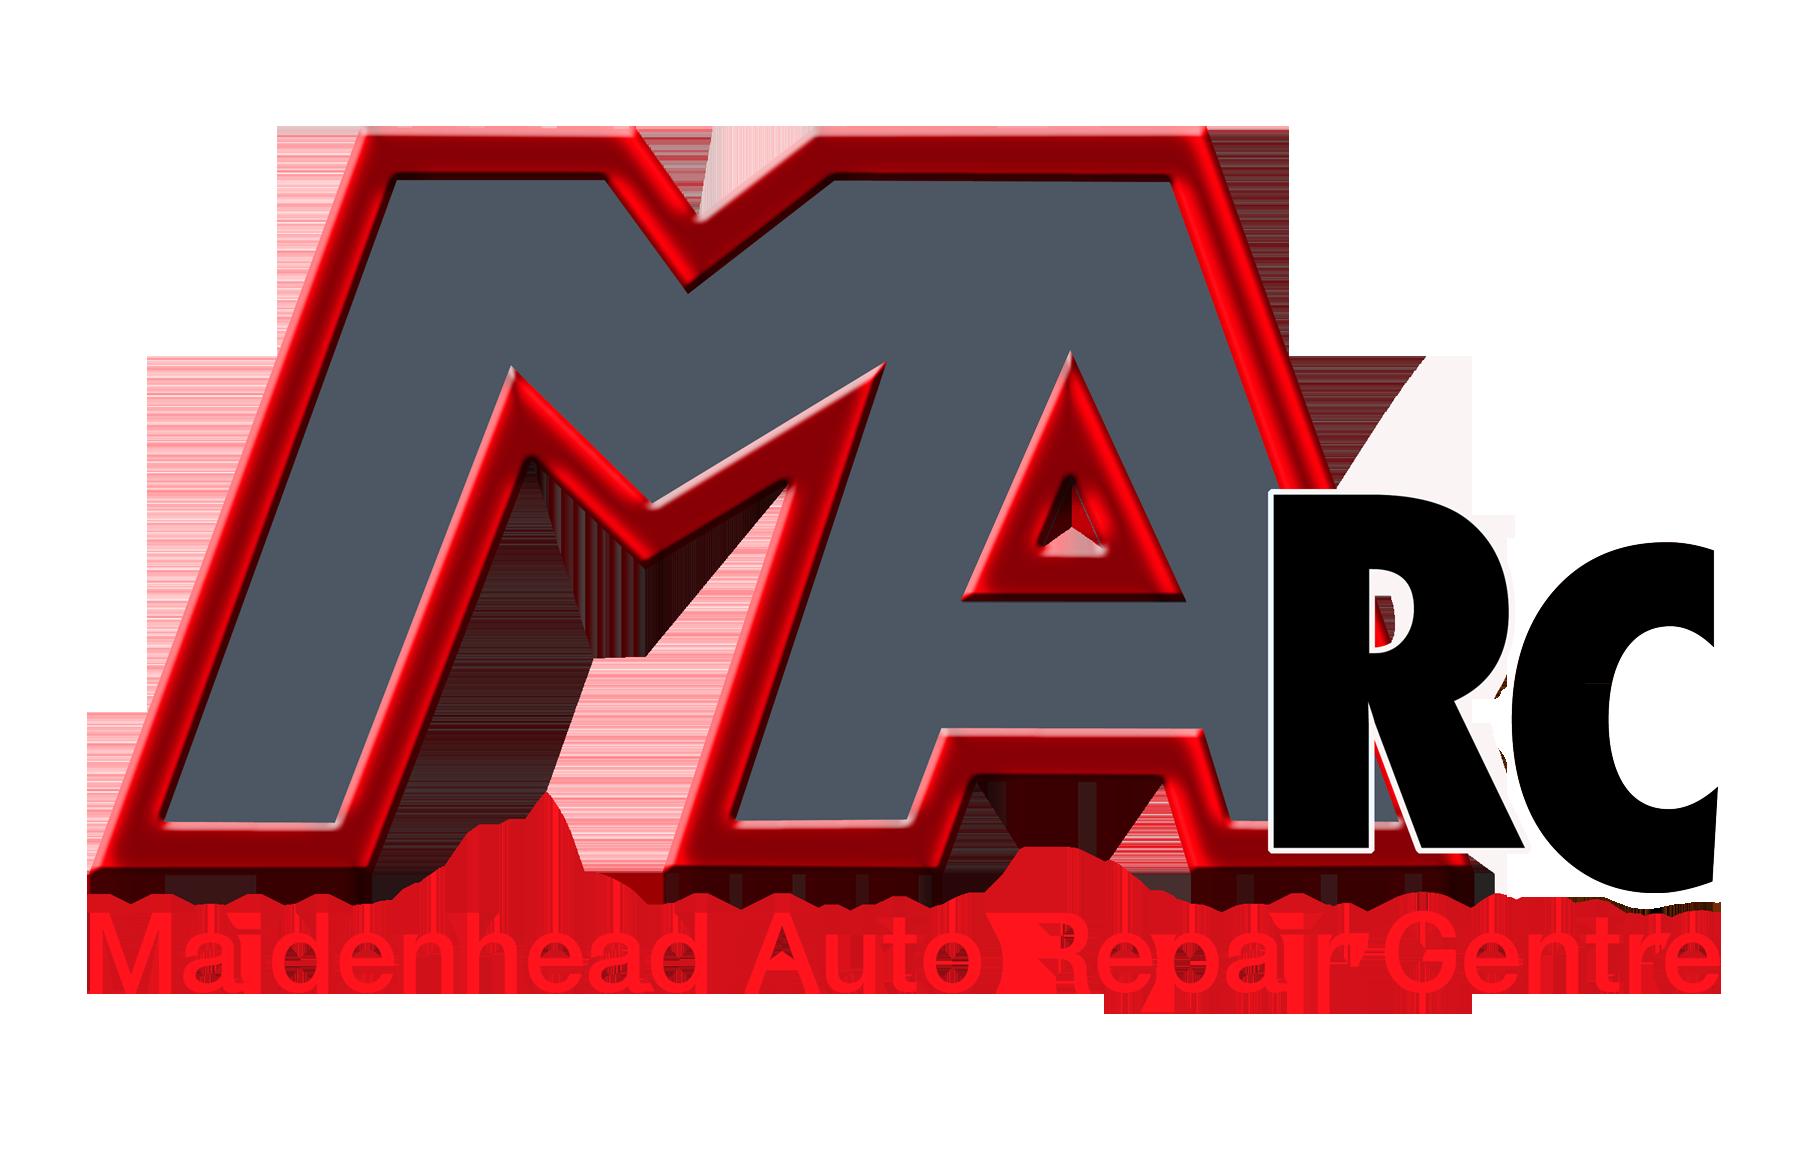 Maidenhead Auto Repair Centre Logo